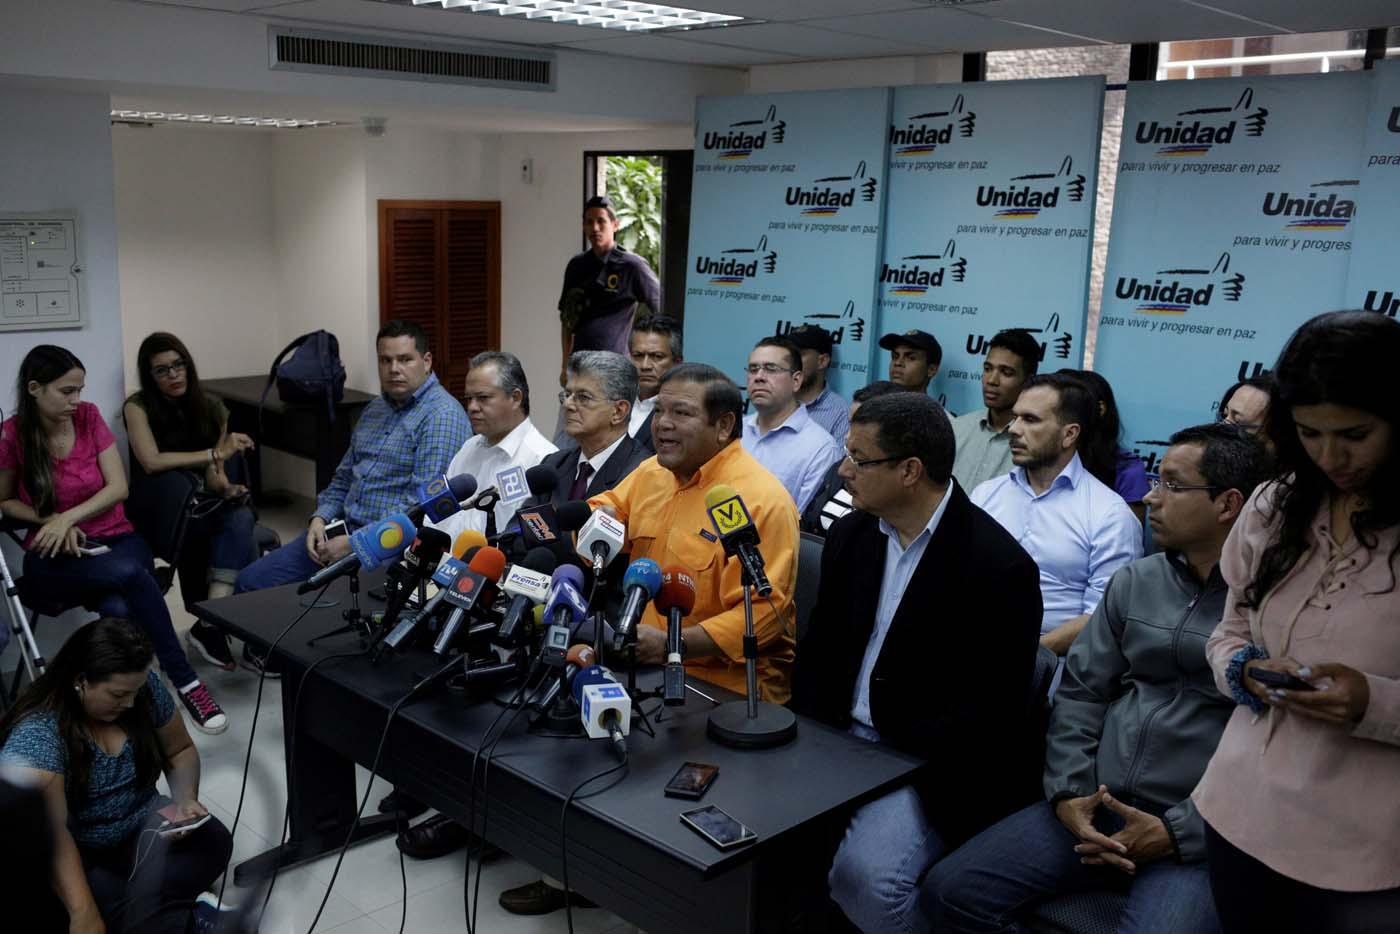 Andrés Velásquez (en el centro), político venezolano y miembro de la coalición de partidos opositores Mesa de la Unidad Democrática (MUD), habla durante una conferencia de prensa en Caracas, Venezuela, 9 de agosto de 2017. REUTERS/Marco Bello - RTS1B41G